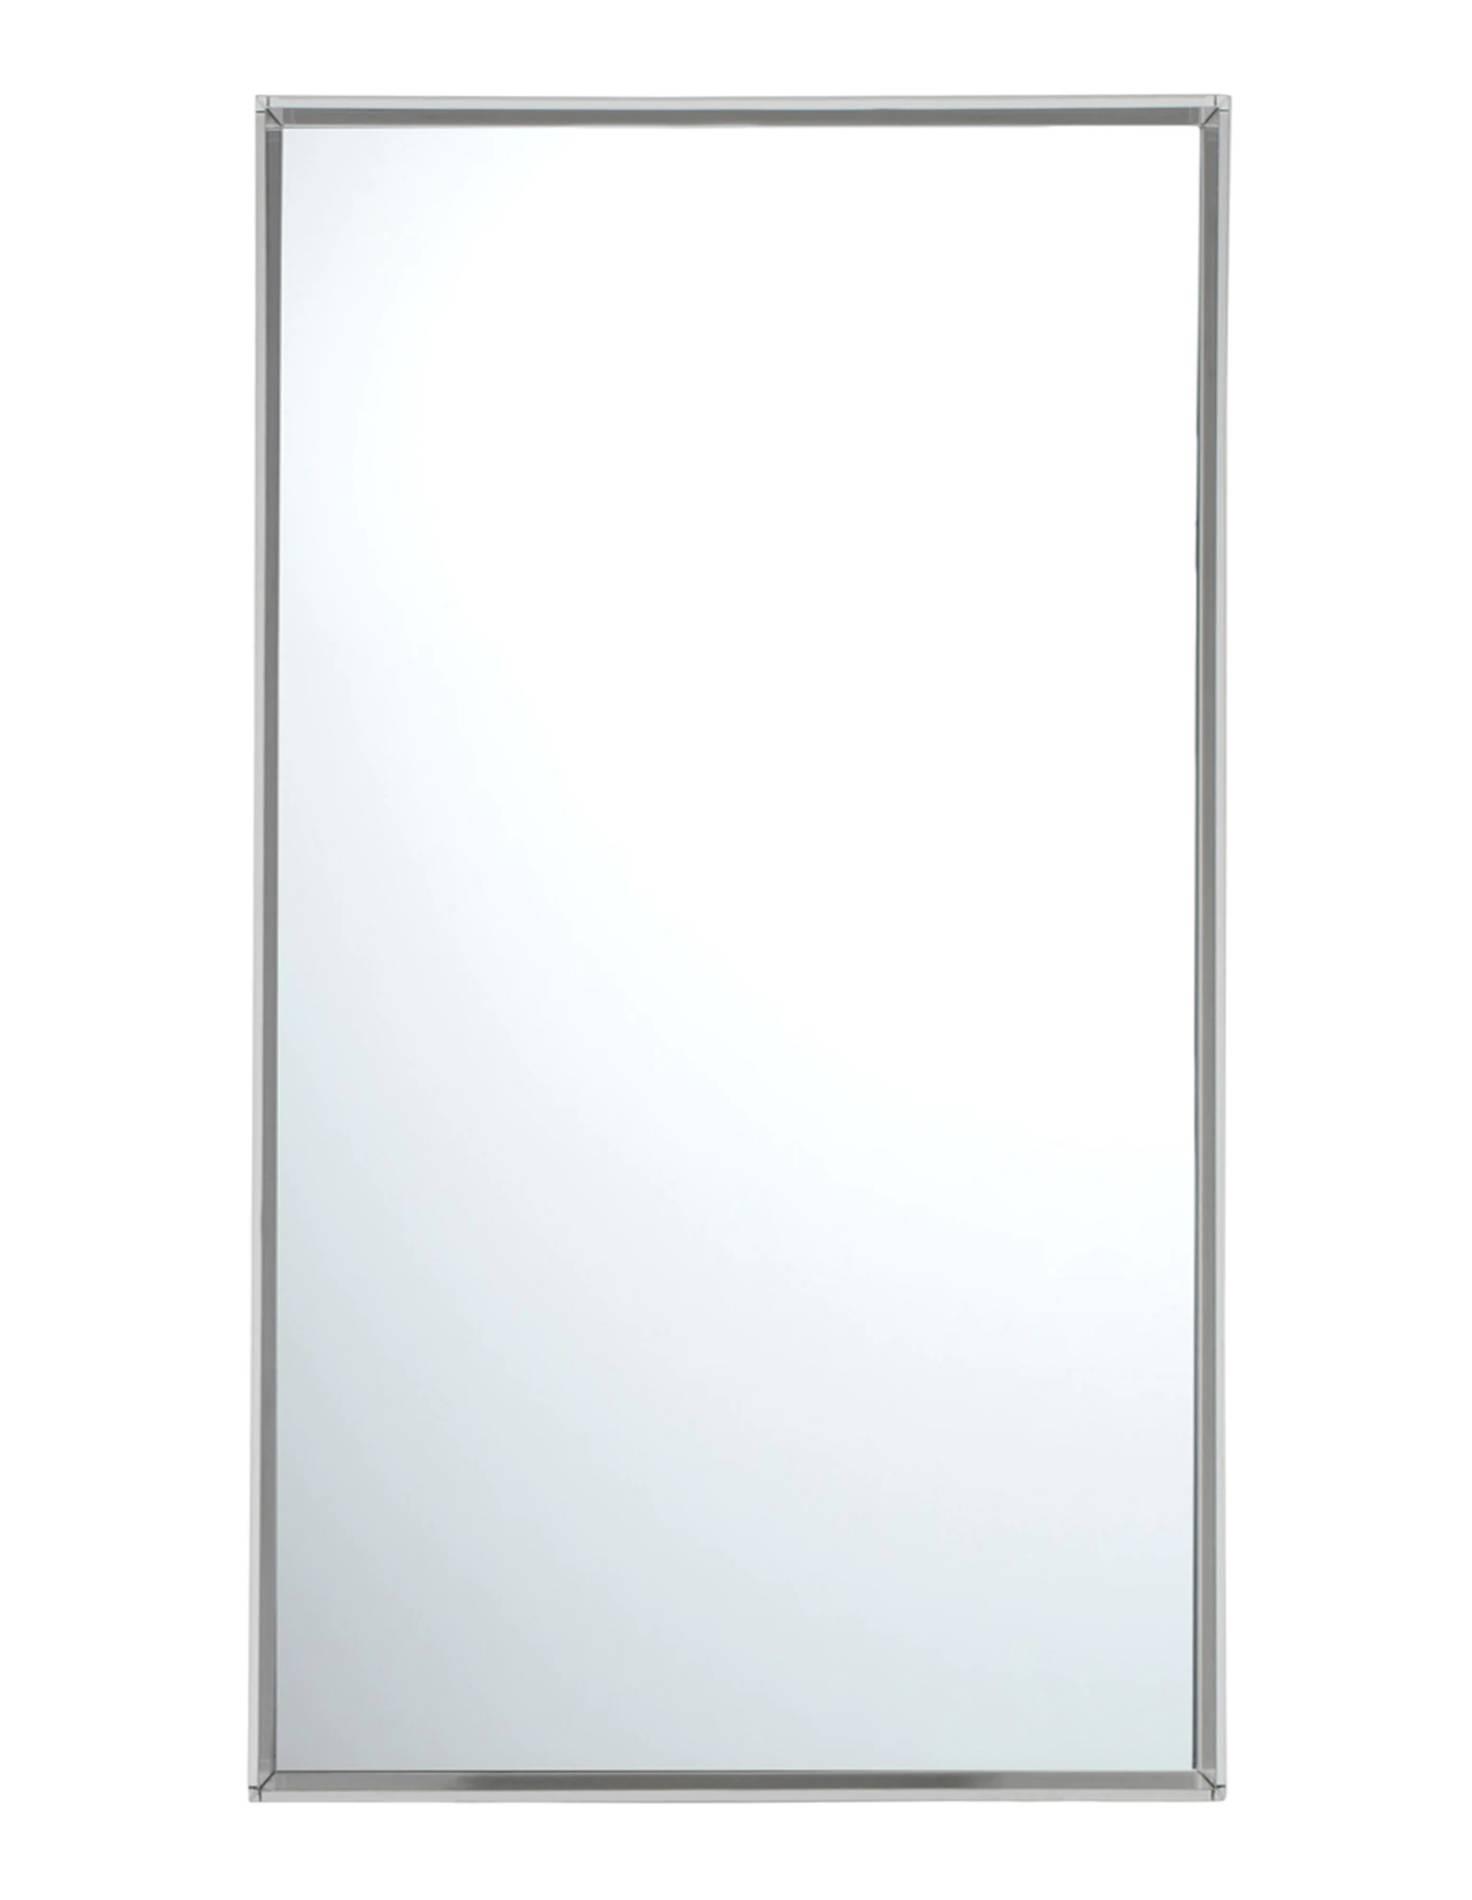 Only Me Spiegel 80 x 180 cm, glasklar